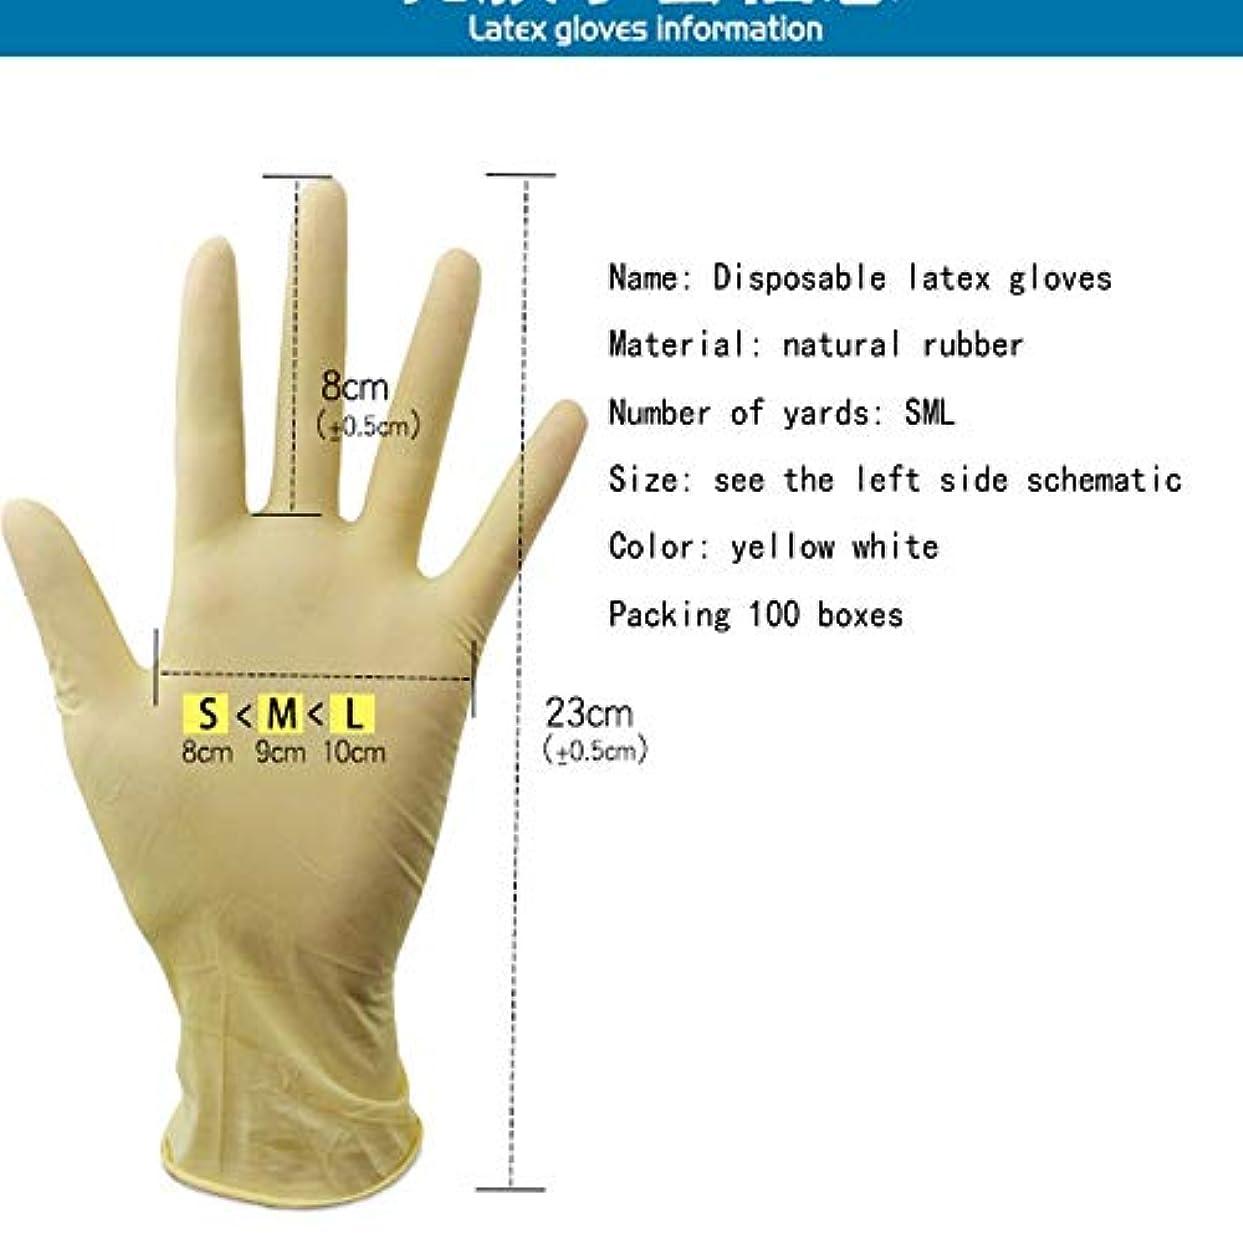 全体サワー箱使い捨て手袋 - これらの使い捨て食品準備手袋はまた台所クリーニング、プラスチックおよび透明のために使用することができます - 100部分ラテックス手袋 (Color : Beige)